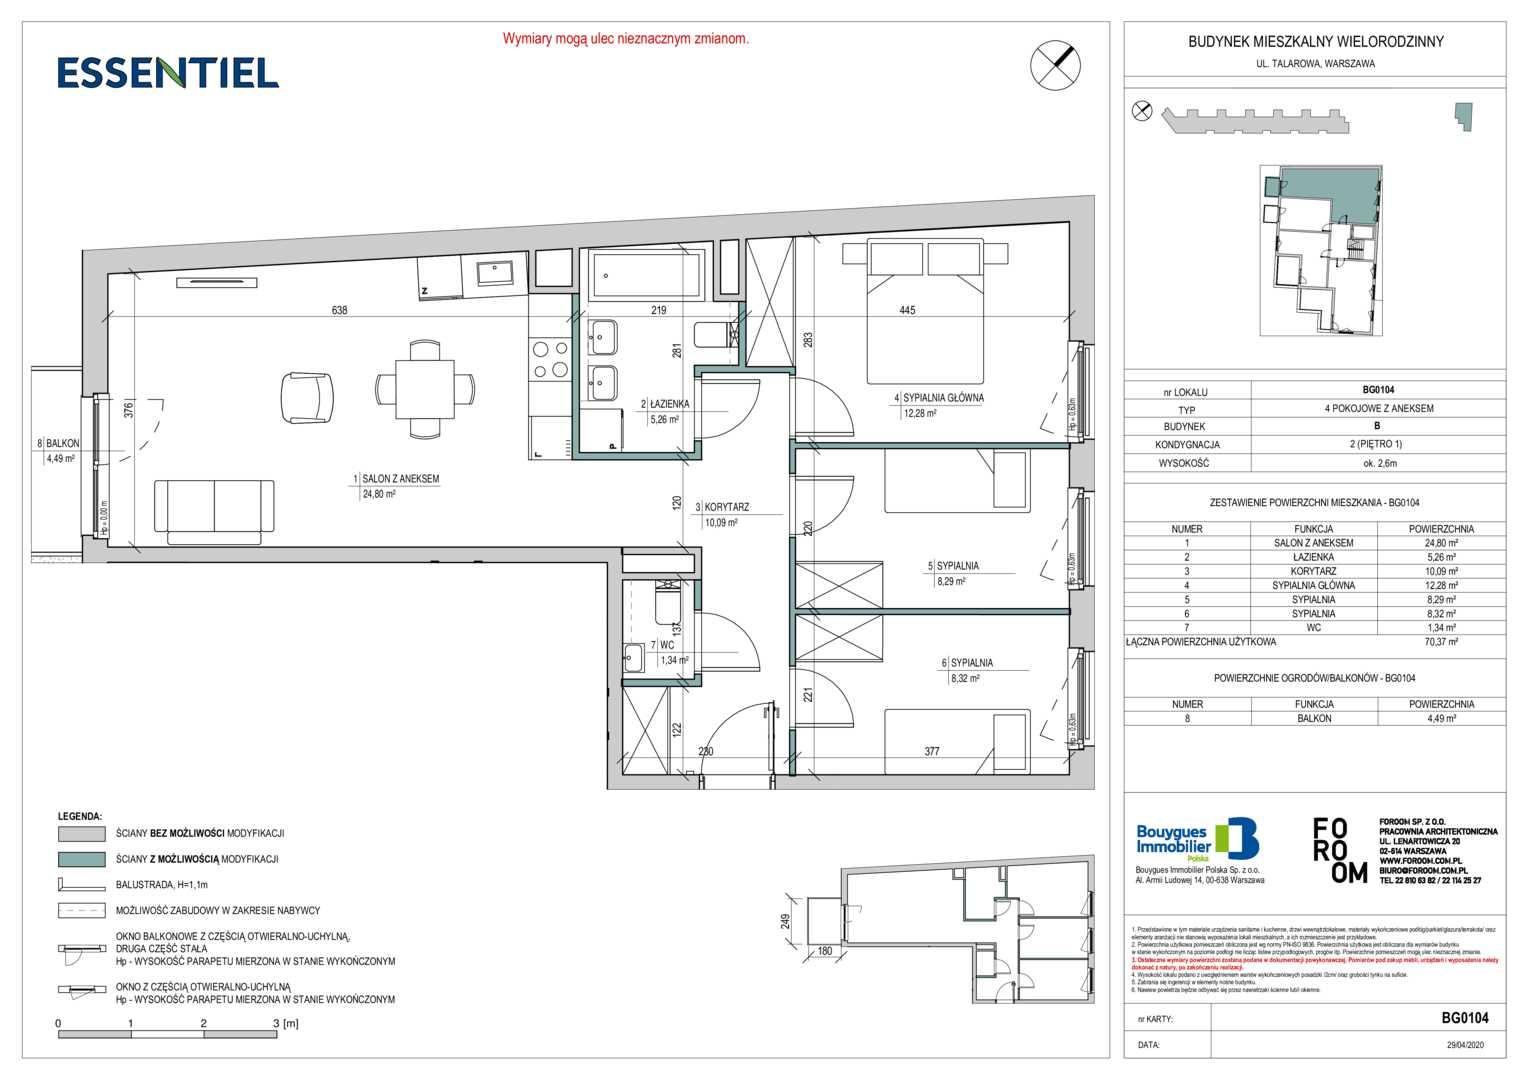 Mieszkanie w inwestycji: Essentiel